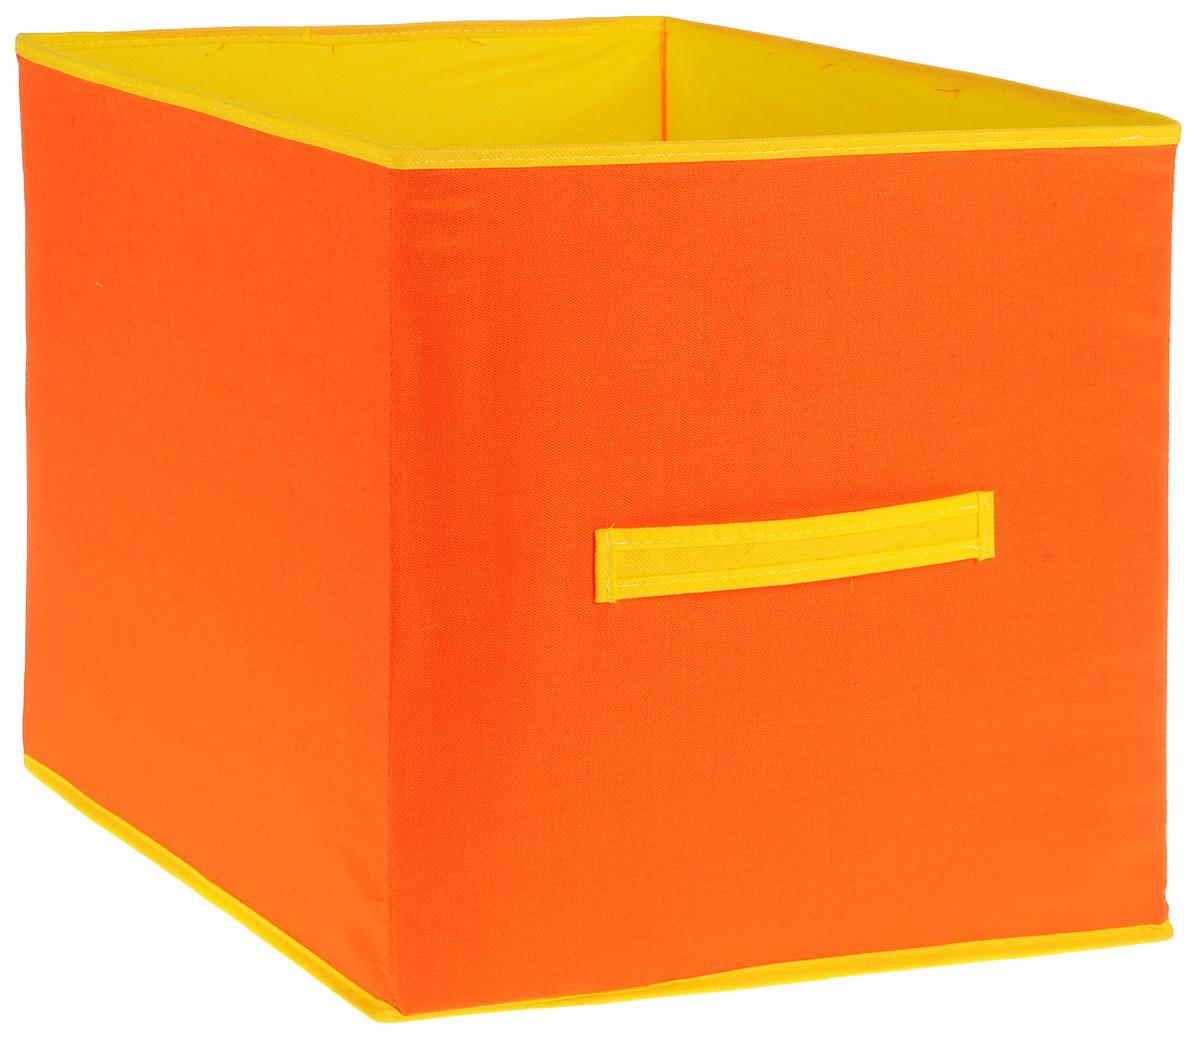 Коробка для игрушек Все на местах Sunny Jungle, цвет: желтый, оранжевый, 40 х 40 х 40 см1071032Коробка для хранения игрушек выполнена из высококачественного нетканого материала (спанбонда), который обеспечивает естественную вентиляцию, позволяя воздуху проникать внутрь, но не пропускаетпыль. Вставки из ПВХ хорошо держат форму.Такая коробка легко разбирается и собирается, она поможет удобно хранить игрушки. Размер коробки: 40 см х 40 см х 40 см.